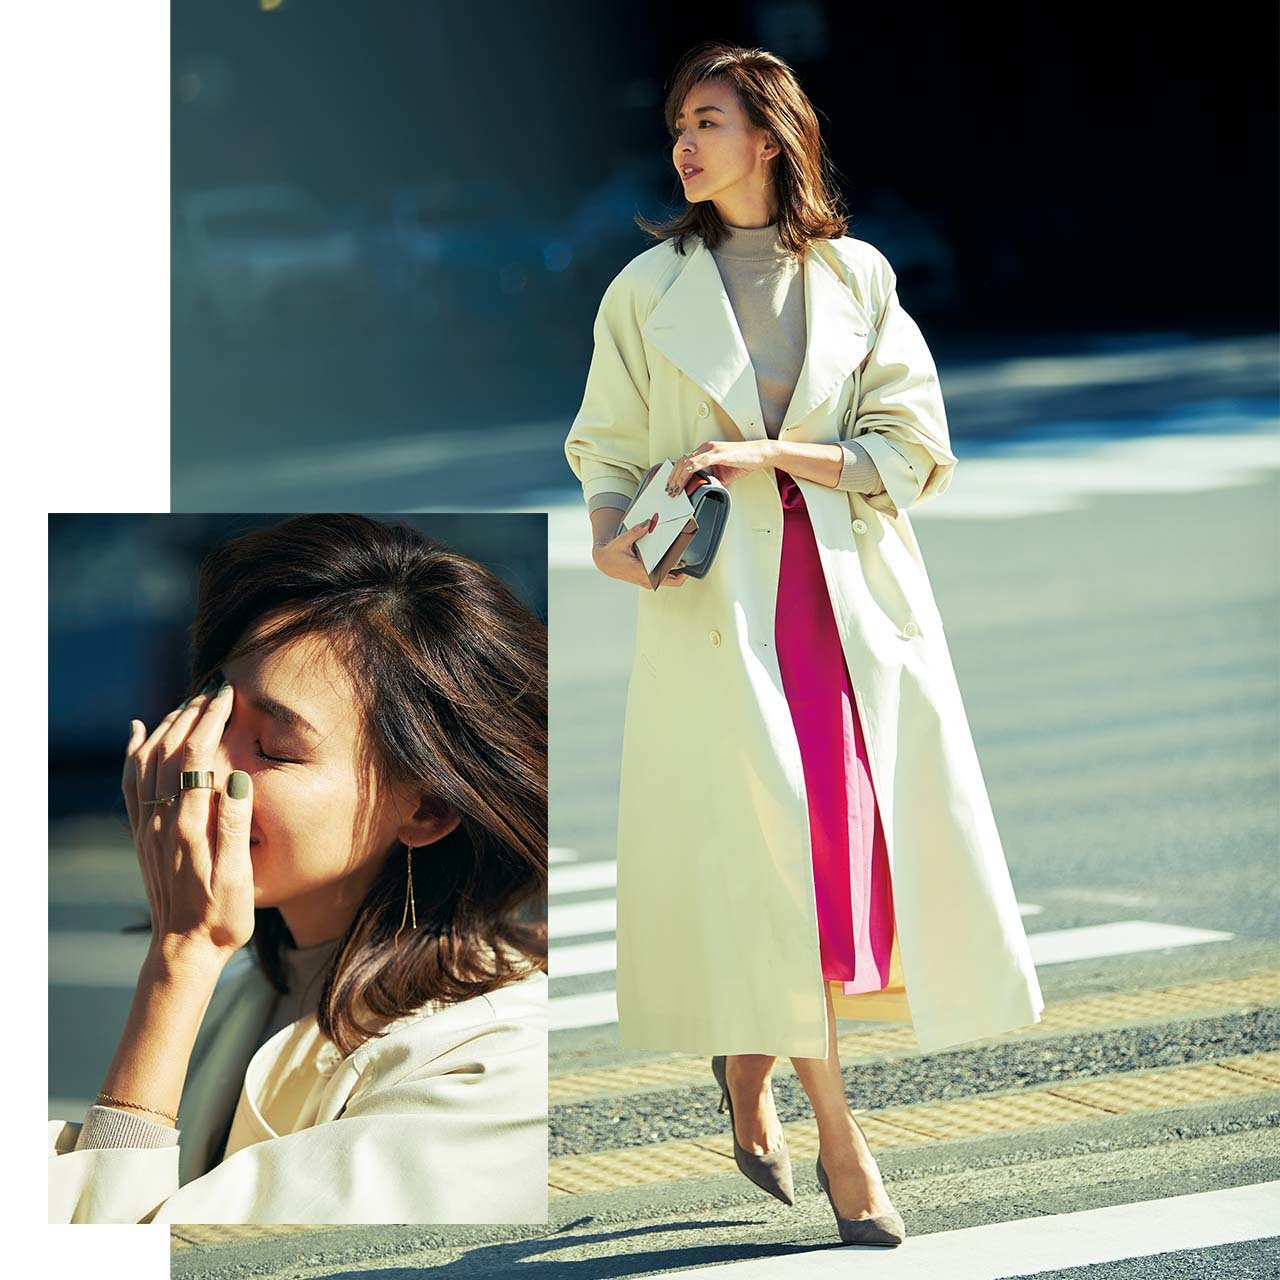 オーバーサイズのトレンチコート×スカートコーデを着たモデルのSHIHOさん